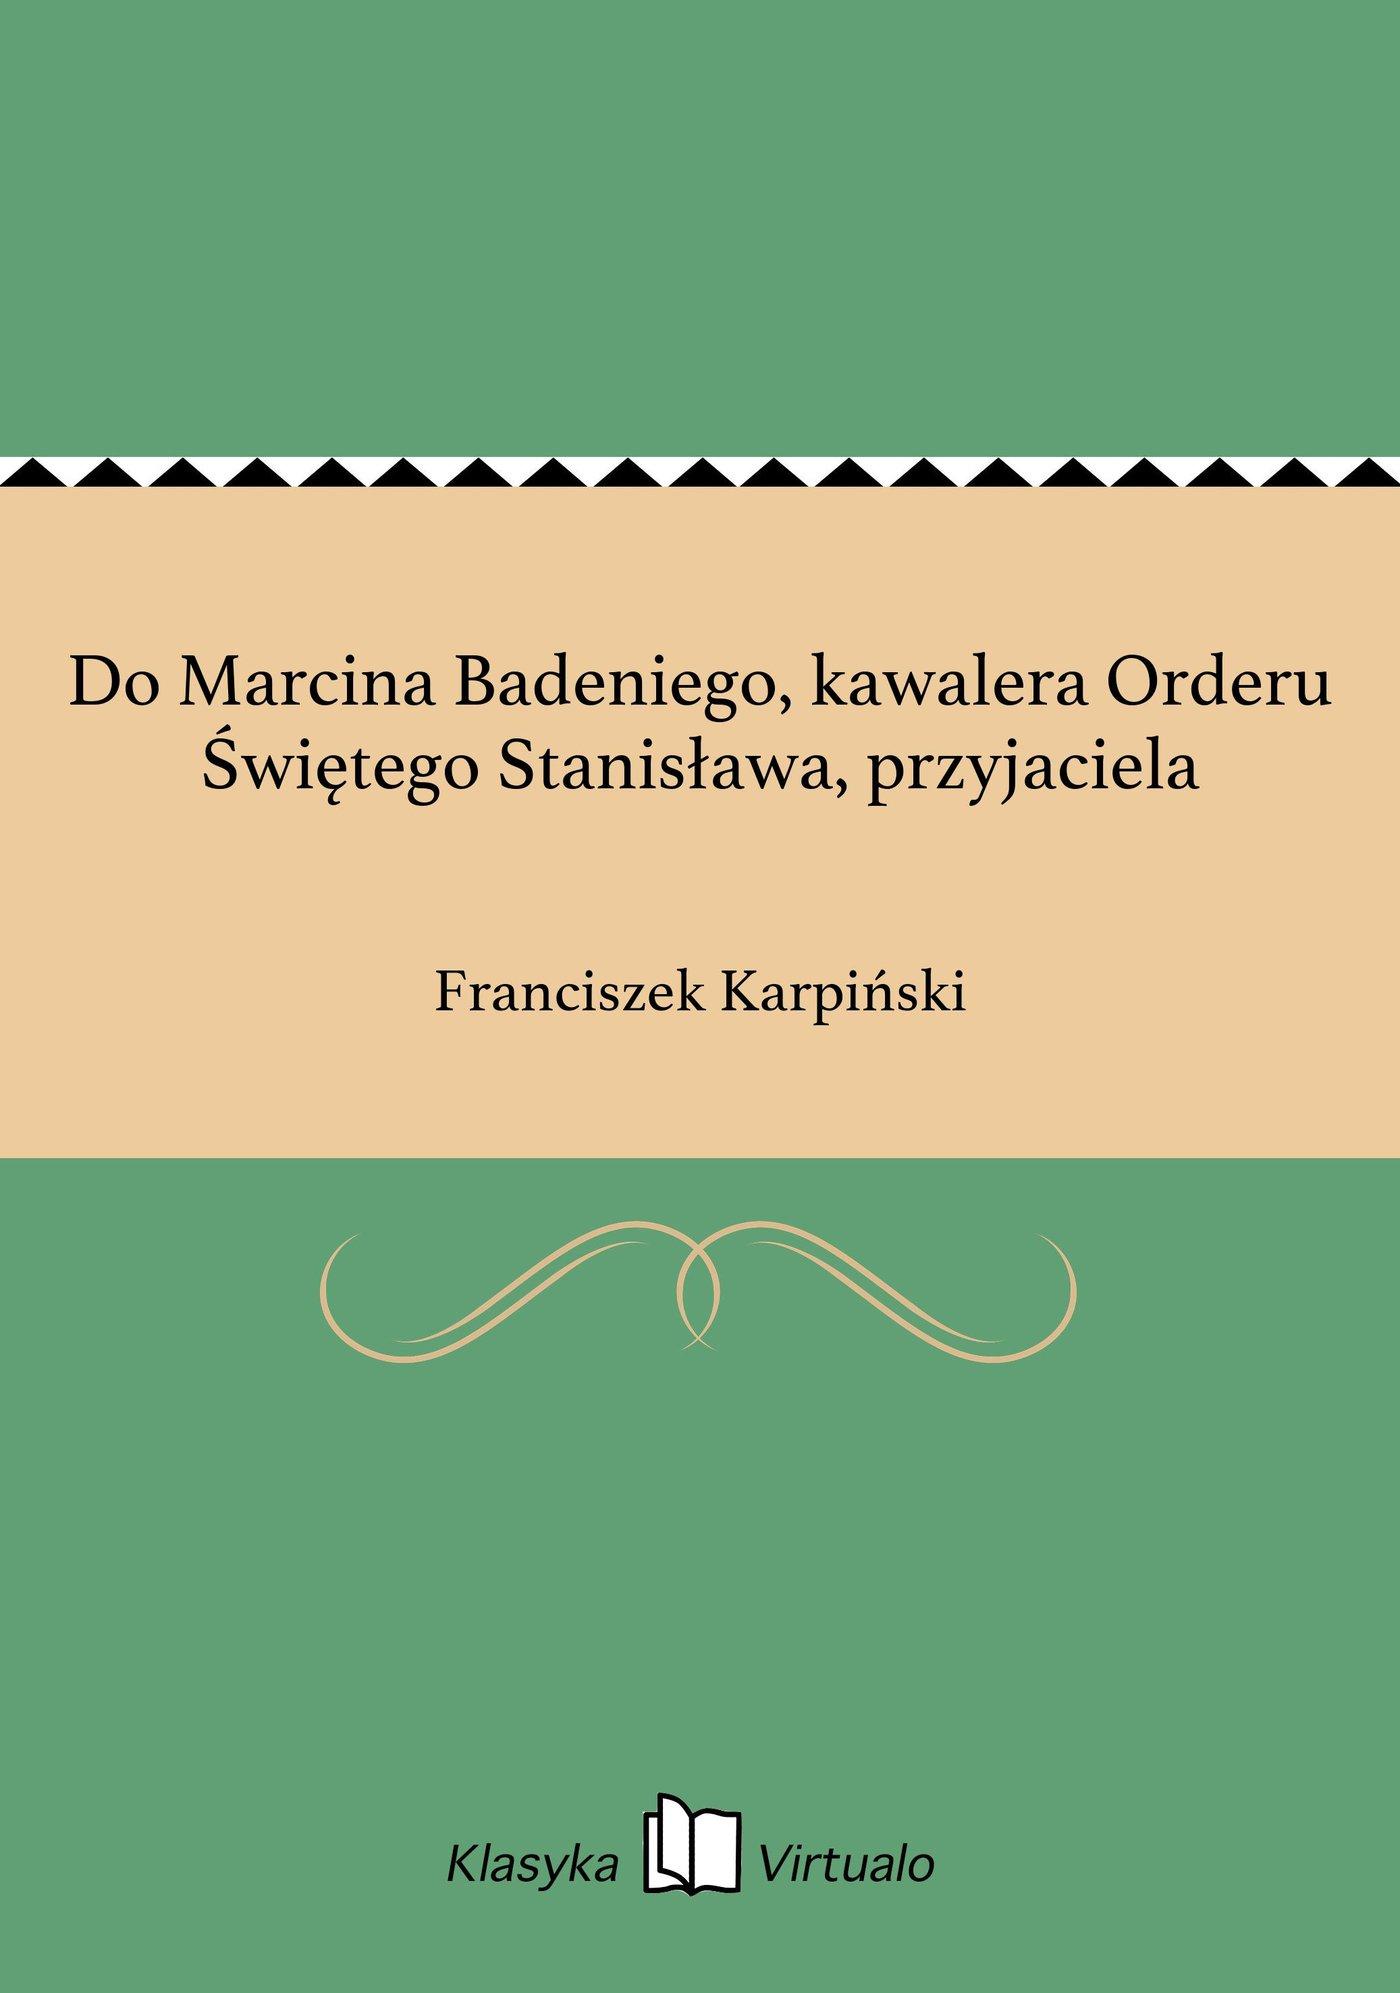 Do Marcina Badeniego, kawalera Orderu Świętego Stanisława, przyjaciela - Ebook (Książka na Kindle) do pobrania w formacie MOBI